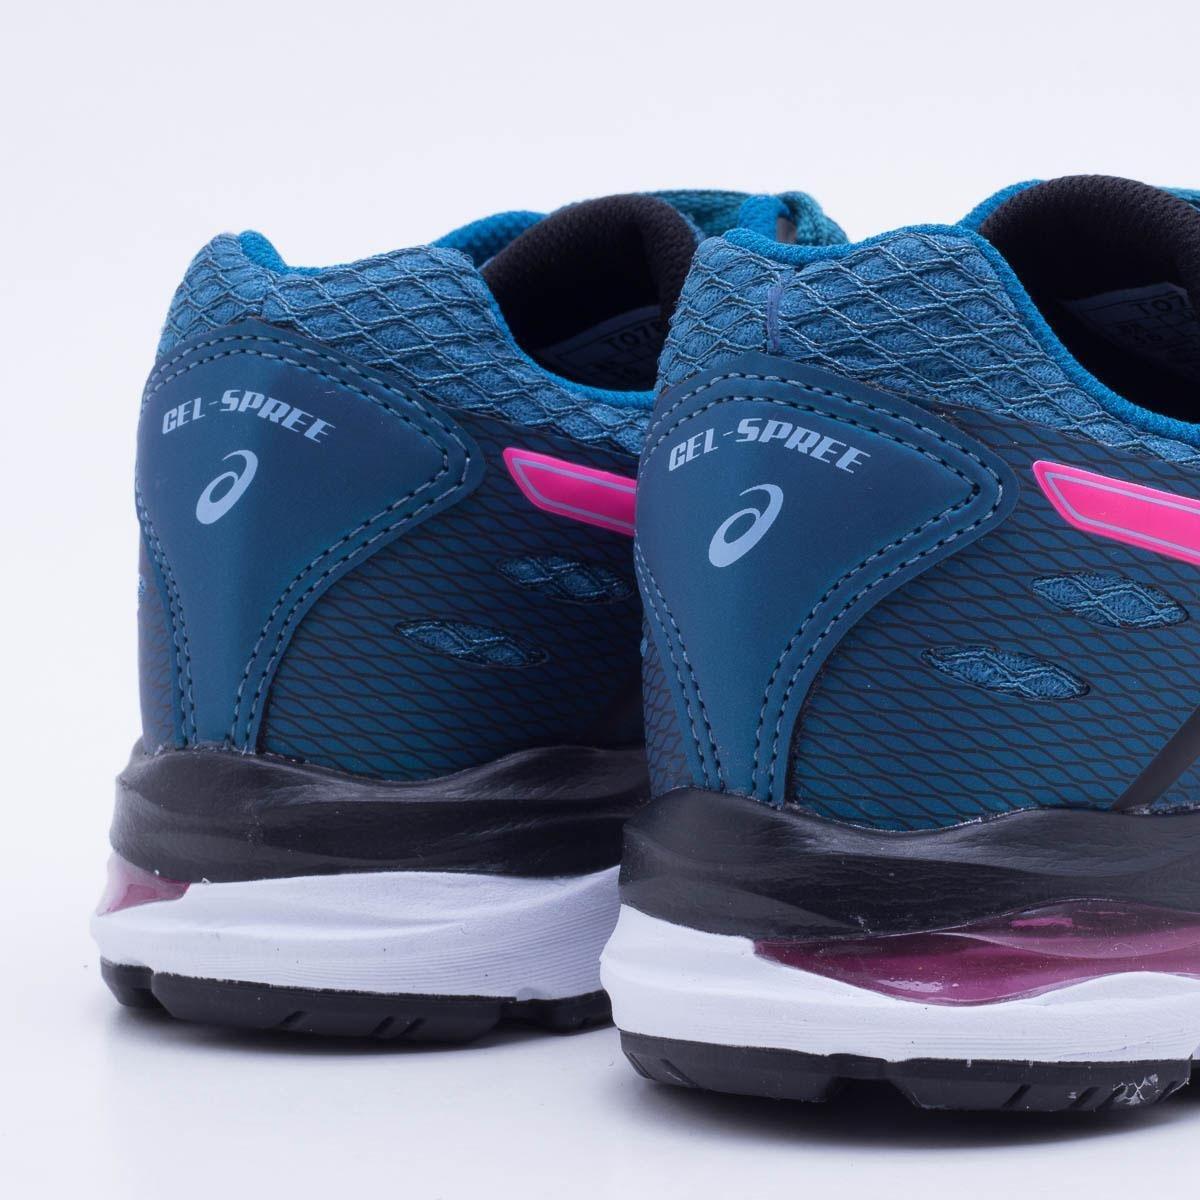 Tênis Asics Gel Spree Feminino - Azul e Rosa - Compre Agora  53a89fd839b16